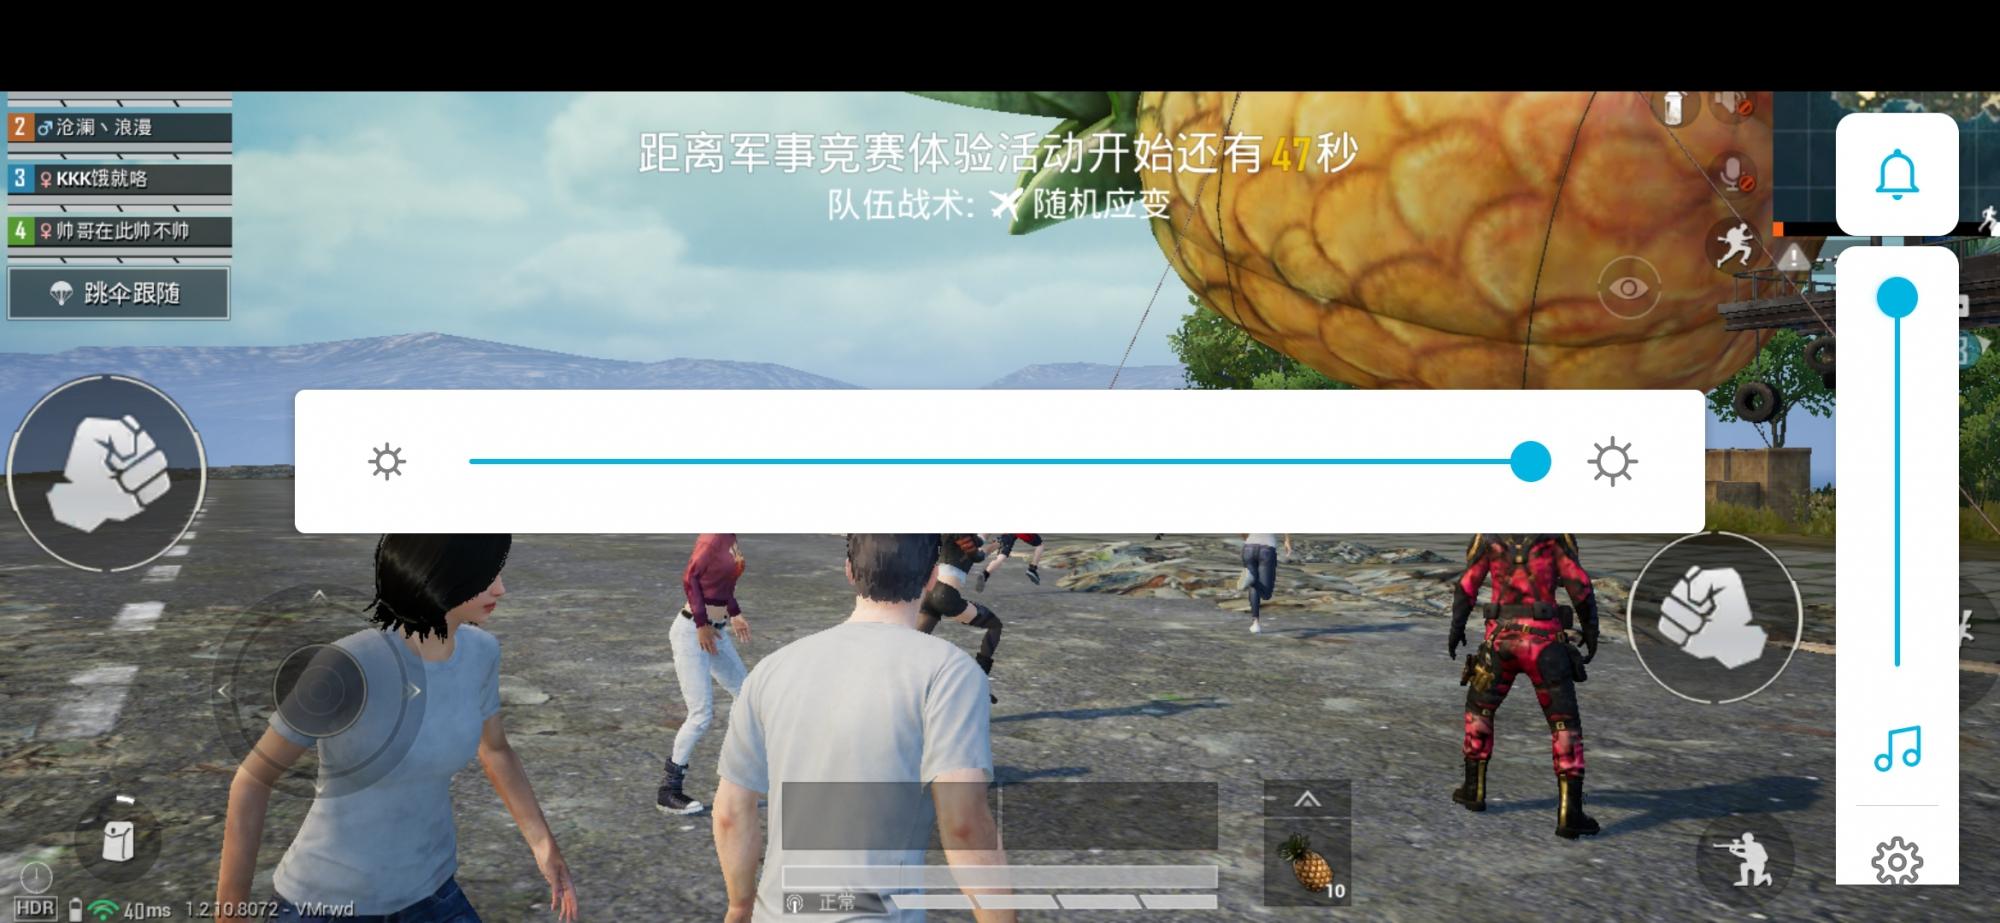 Screenshot_20190715_143109_com.tencent.tmgp.pubgm.jpg